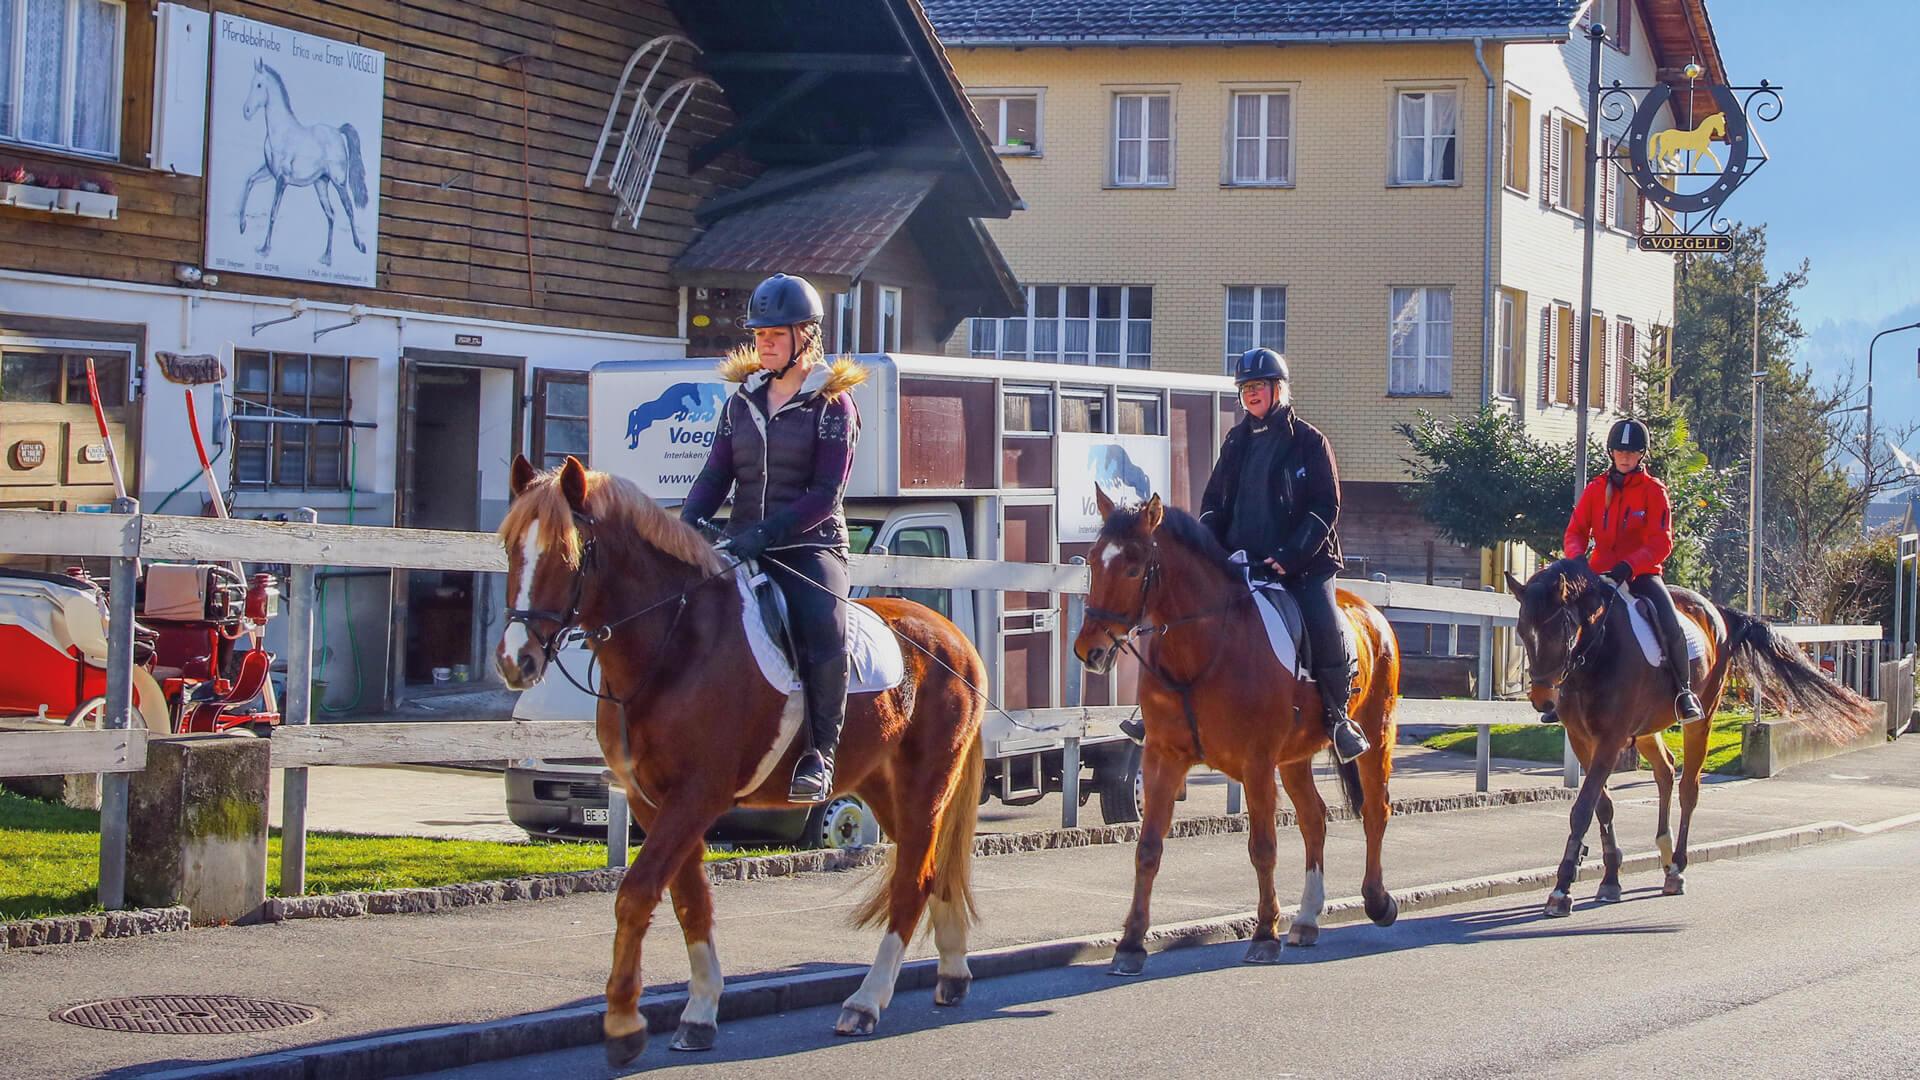 interlaken-reitschule-voegeli-pferde-reiten